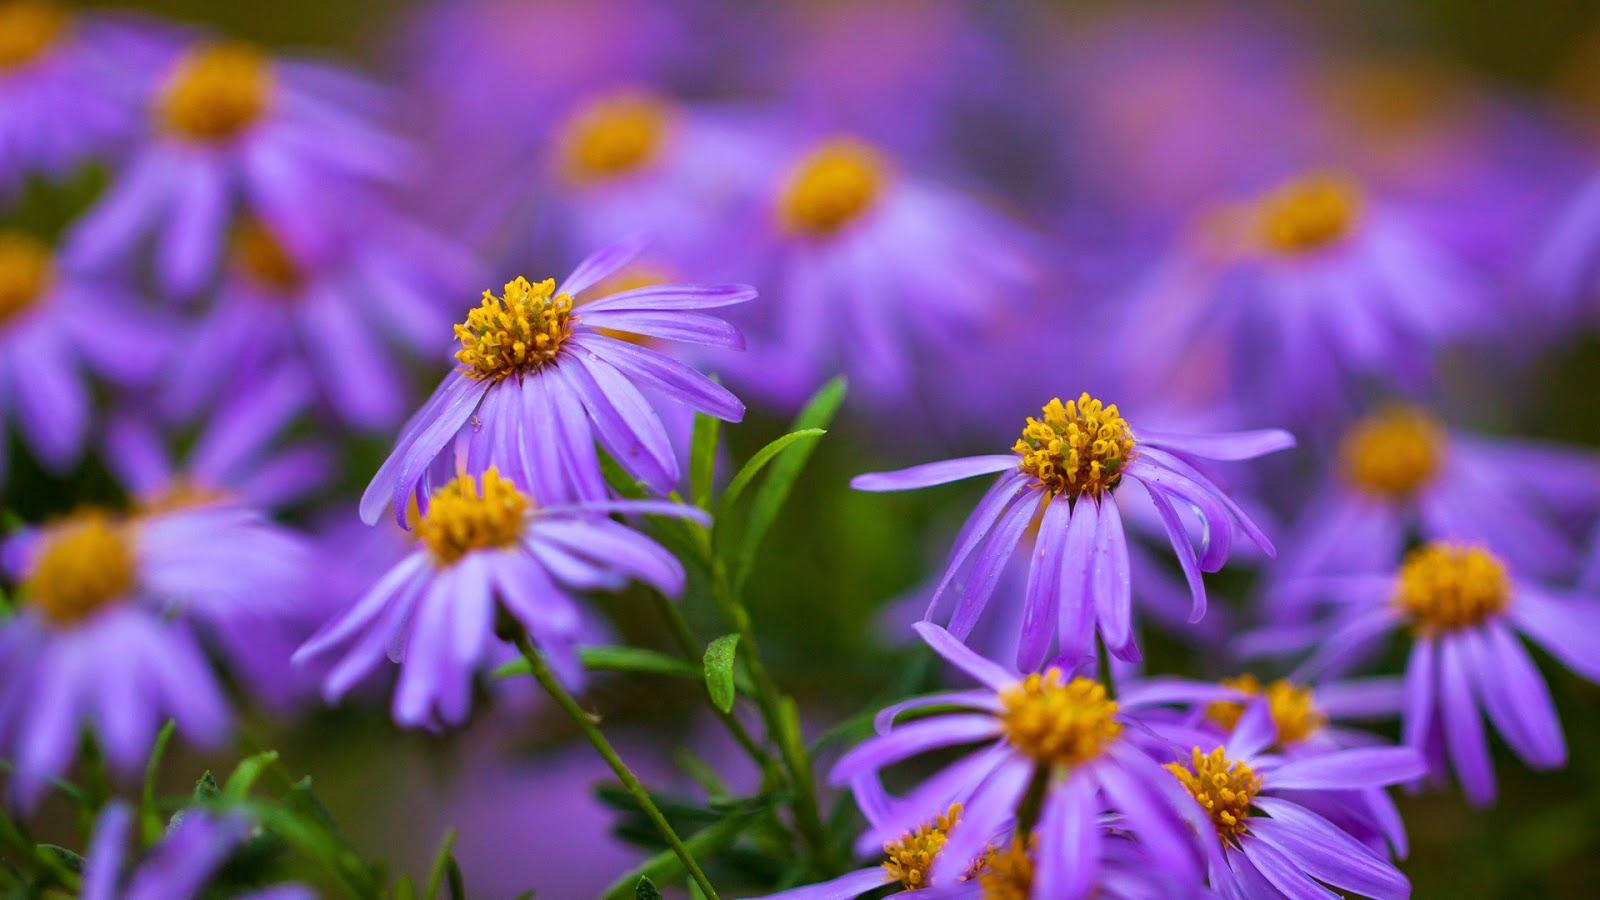 10 Gambar Bunga Warna Purple/Ungu/Violet